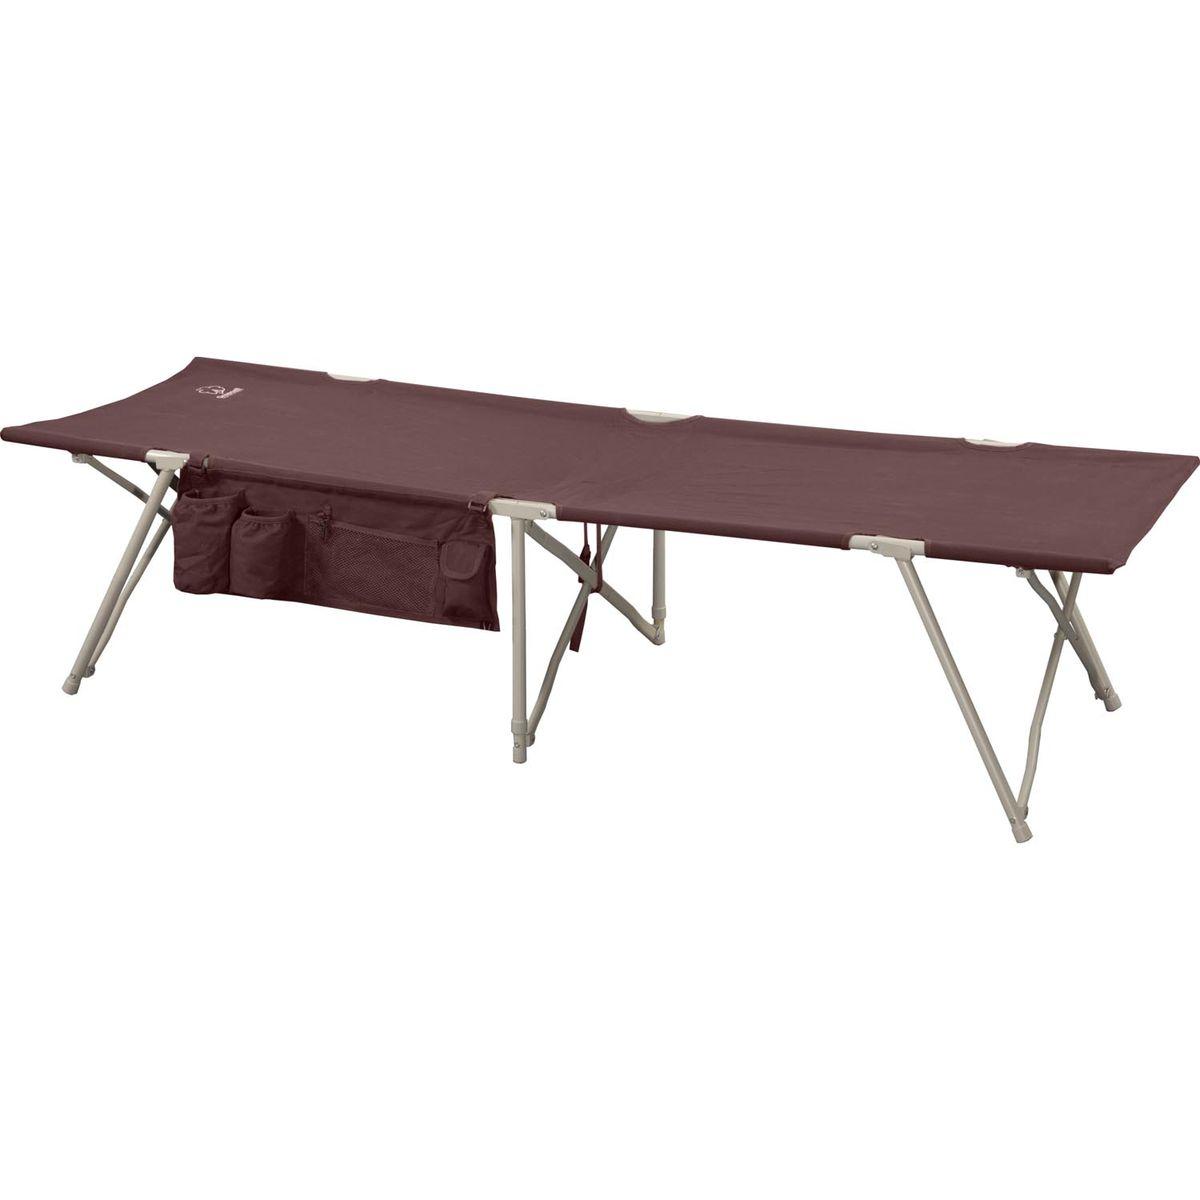 Кровать складная Greenell BD-3, цвет: зеленый, 190 см х 64 см х 43 см71161-232-00Удобная и компактная кровать для кемпинга Greenell BD-3 отличается совершенным механизмом, простотой сборки- разборки и малыми габаритами в сложенном виде. Кровать выполнена из прочного полиэстера. Каркас - сталь диаметром 16 мм. В комплект входит чехол для хранения и переноски.